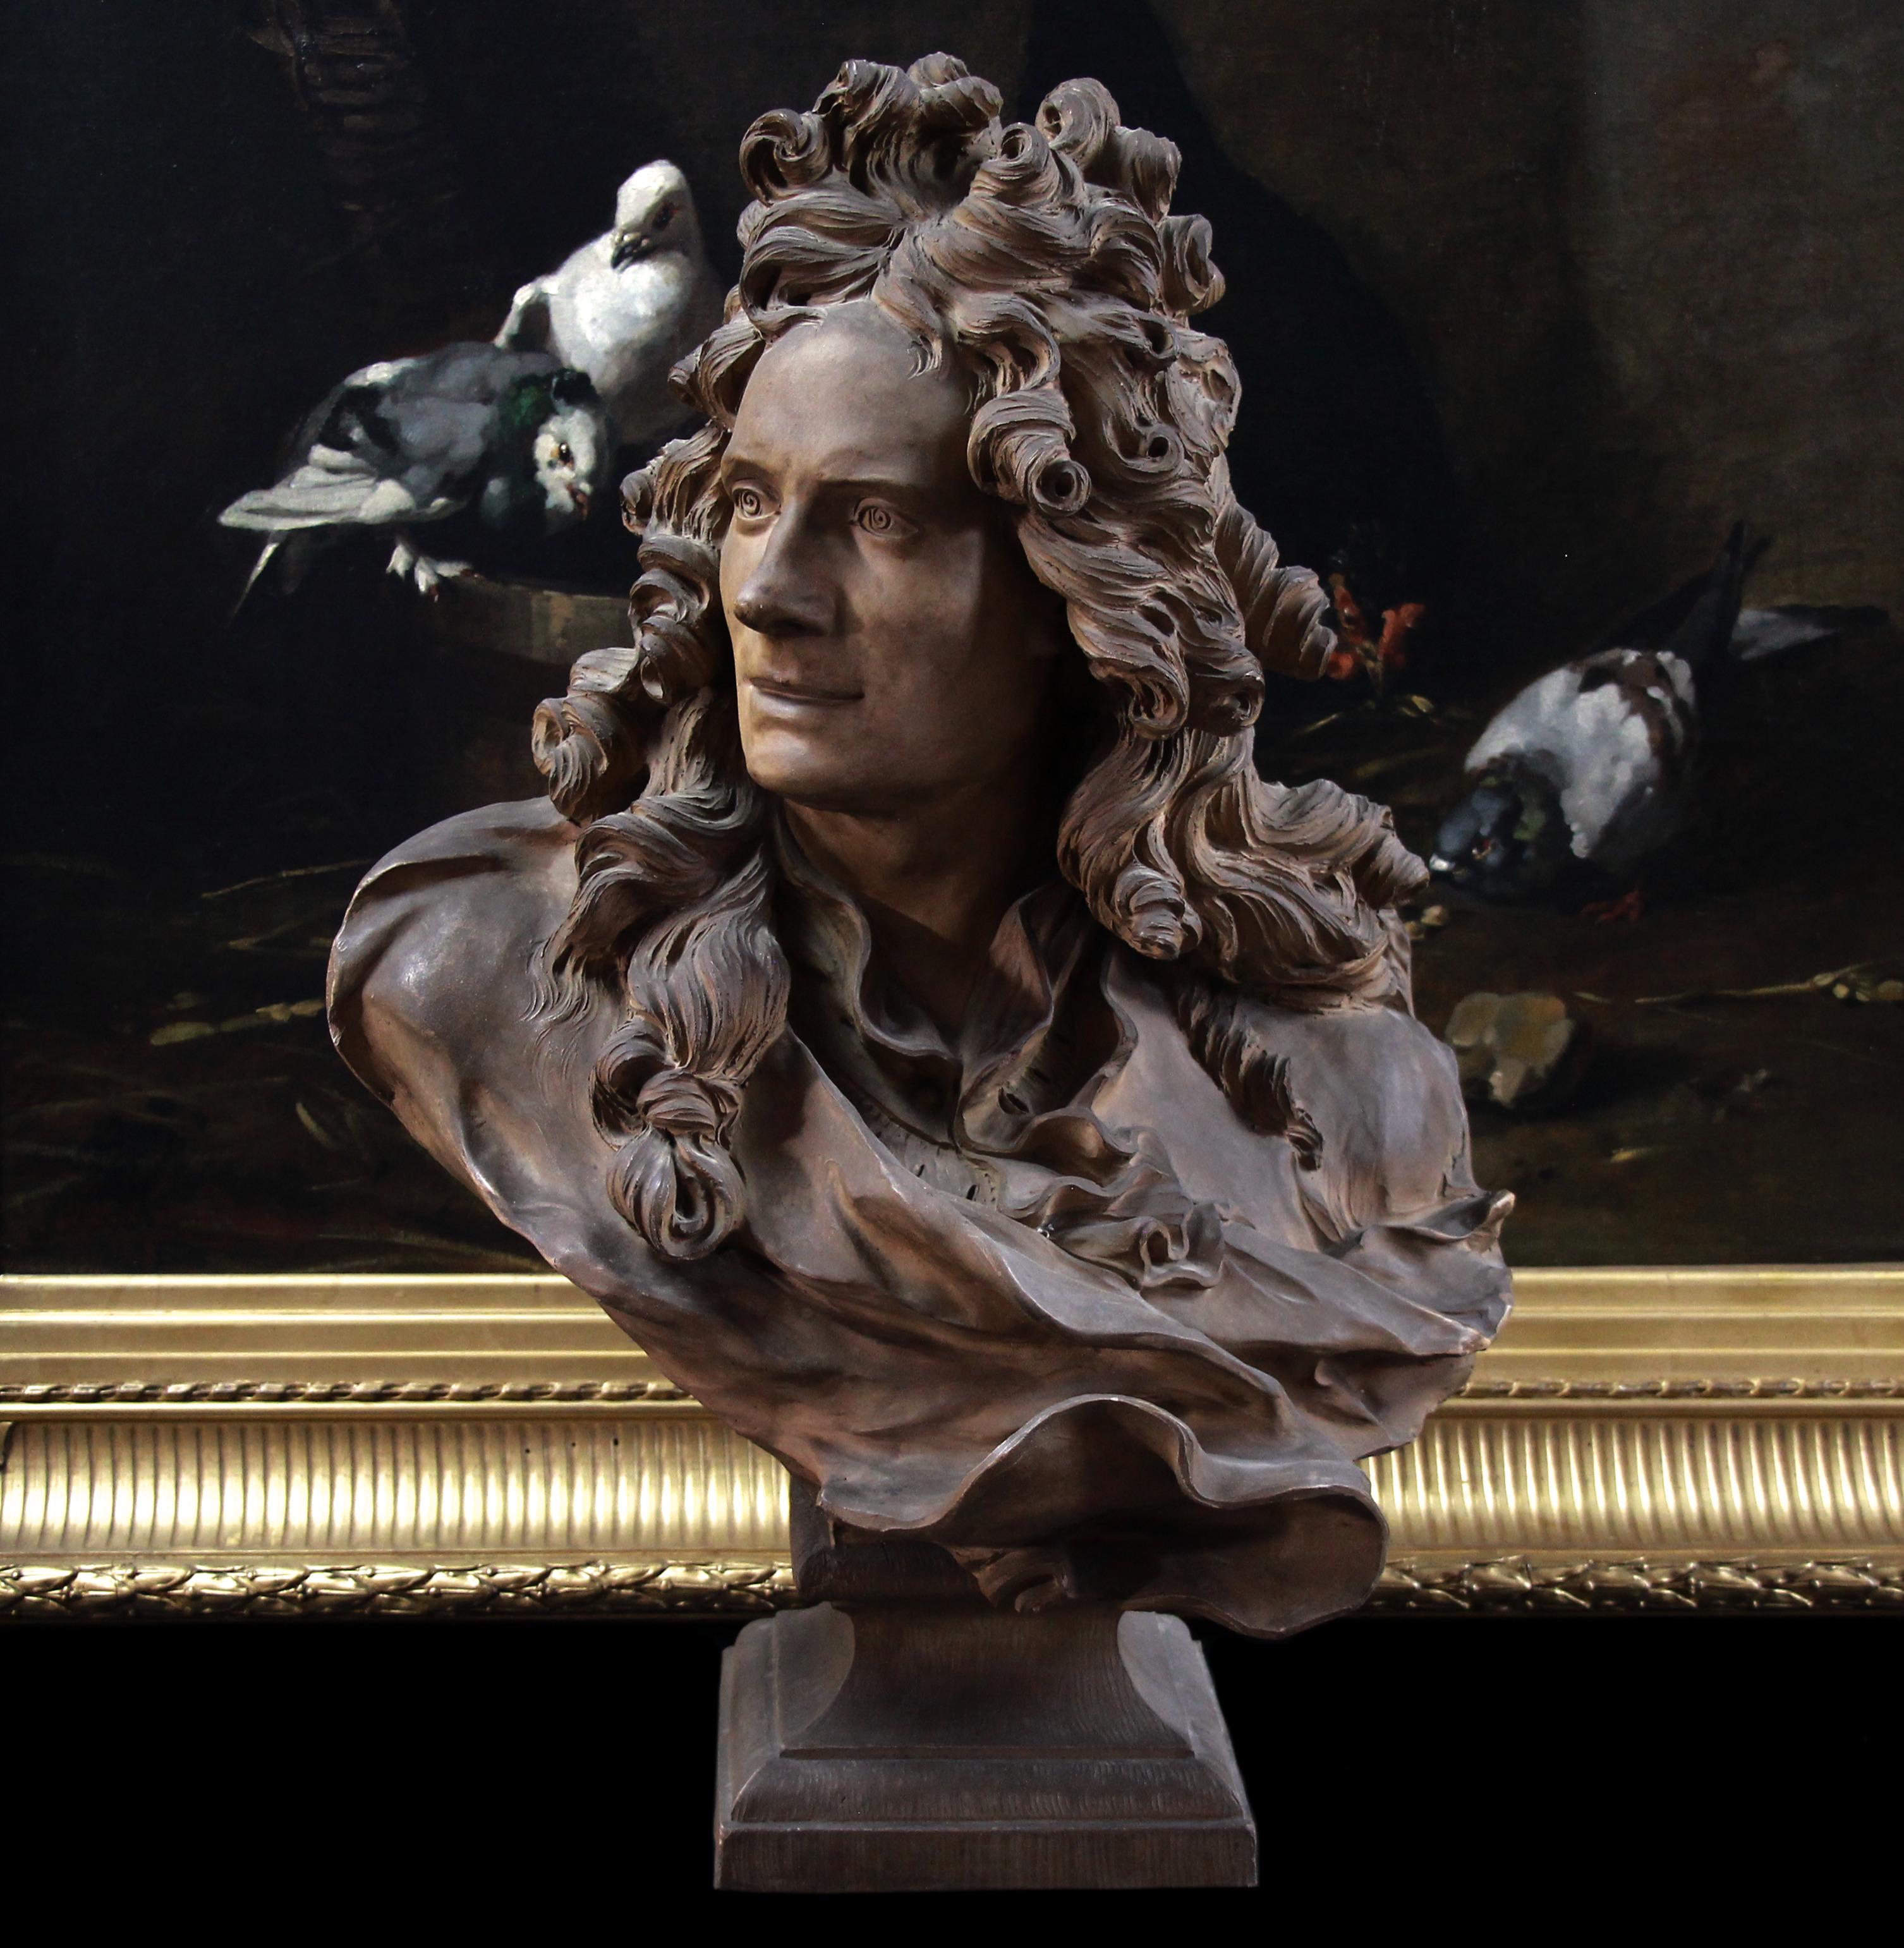 Terracotta bust Corneille van cleve